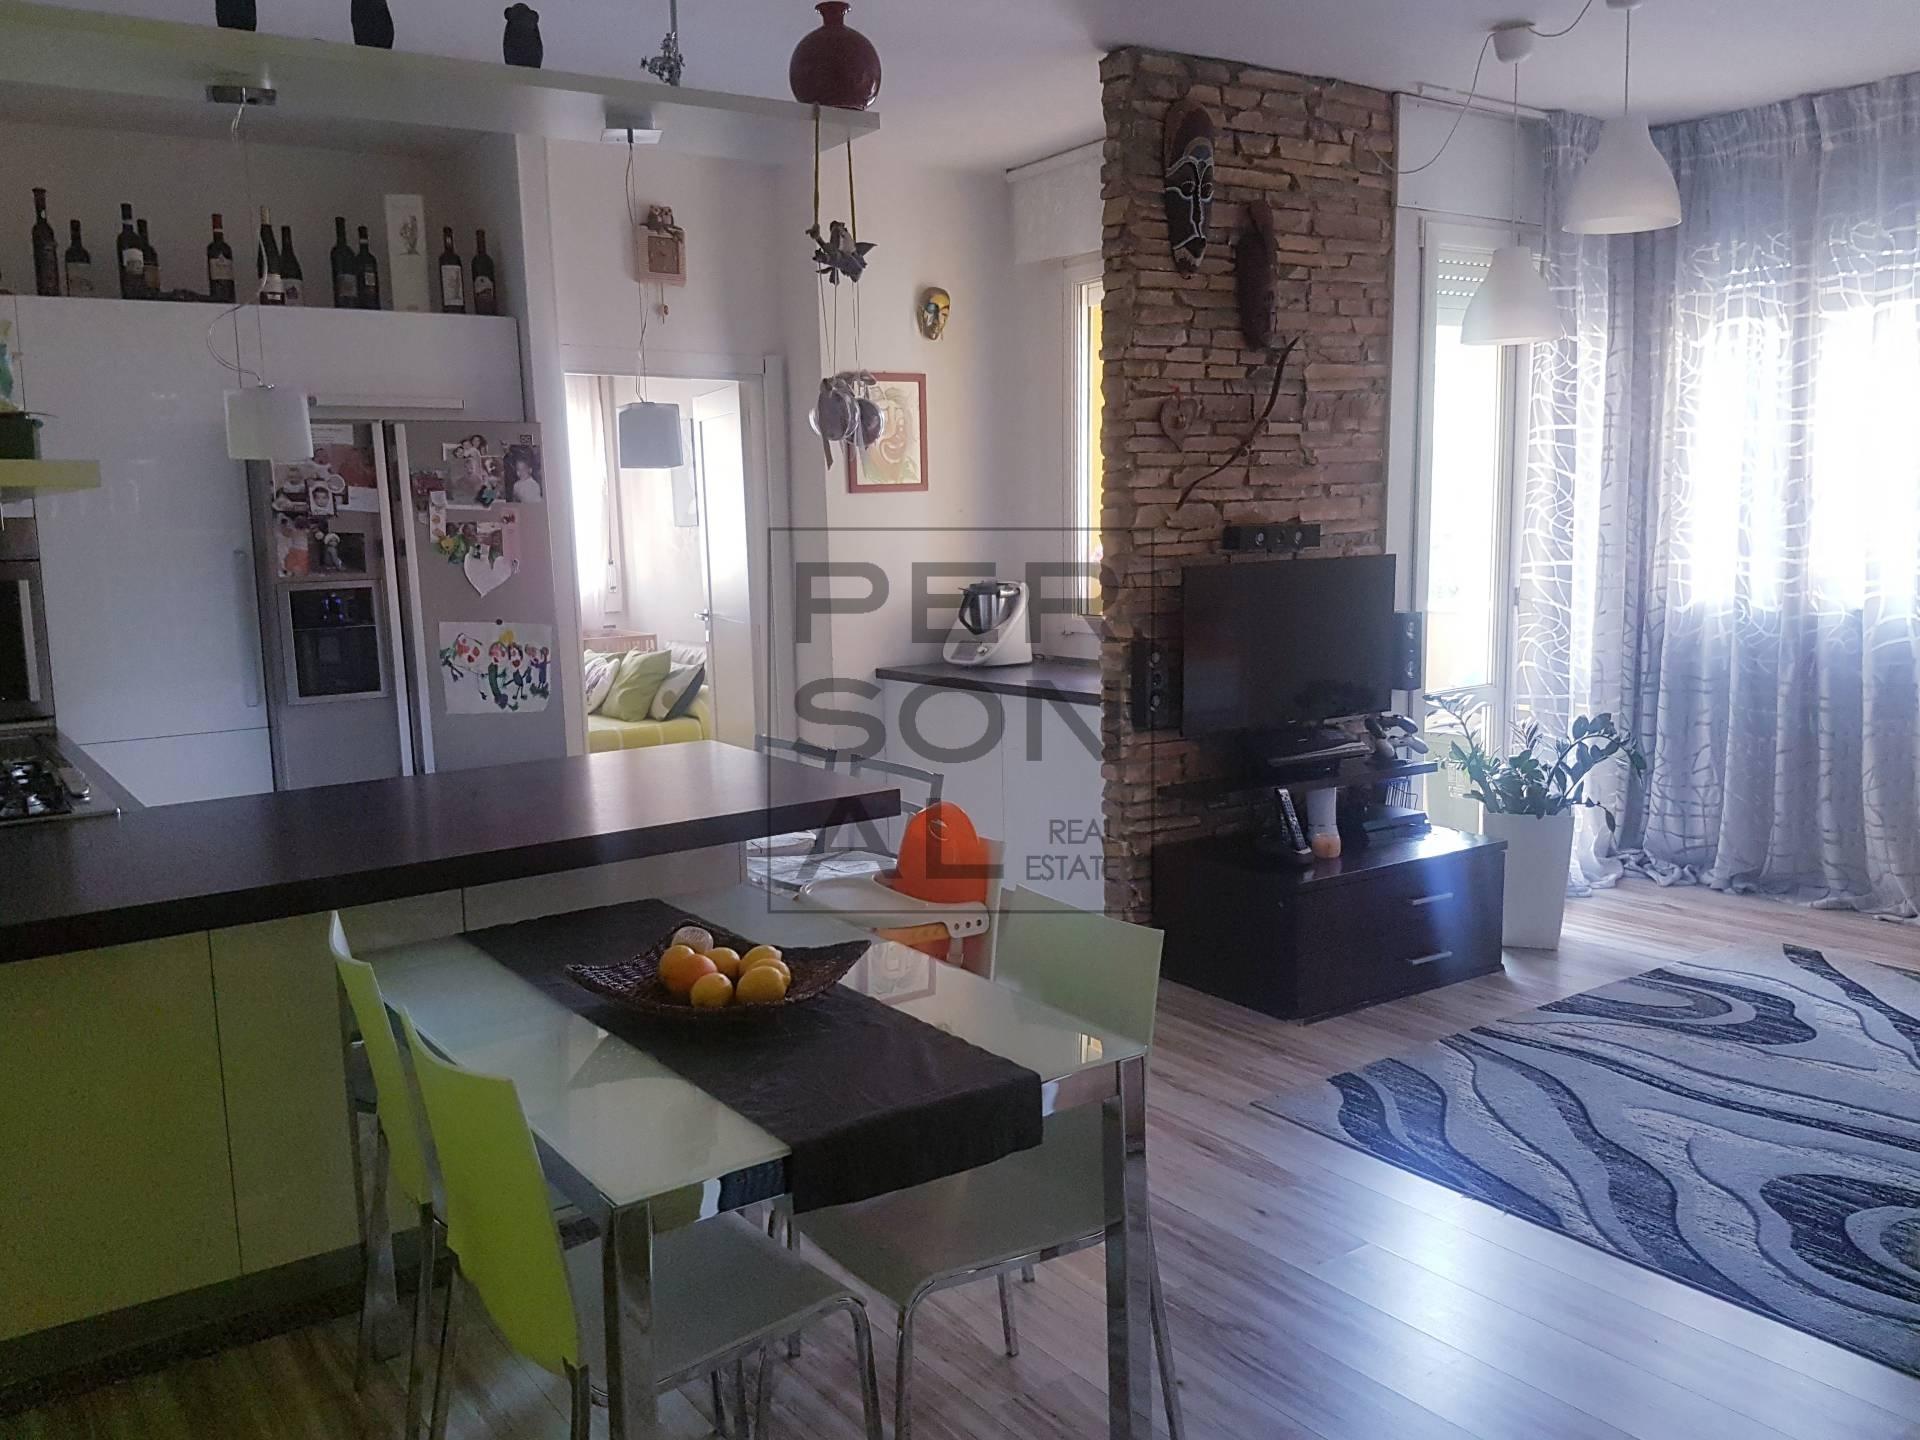 Appartamento in vendita a Lavis, 3 locali, prezzo € 185.000 | CambioCasa.it